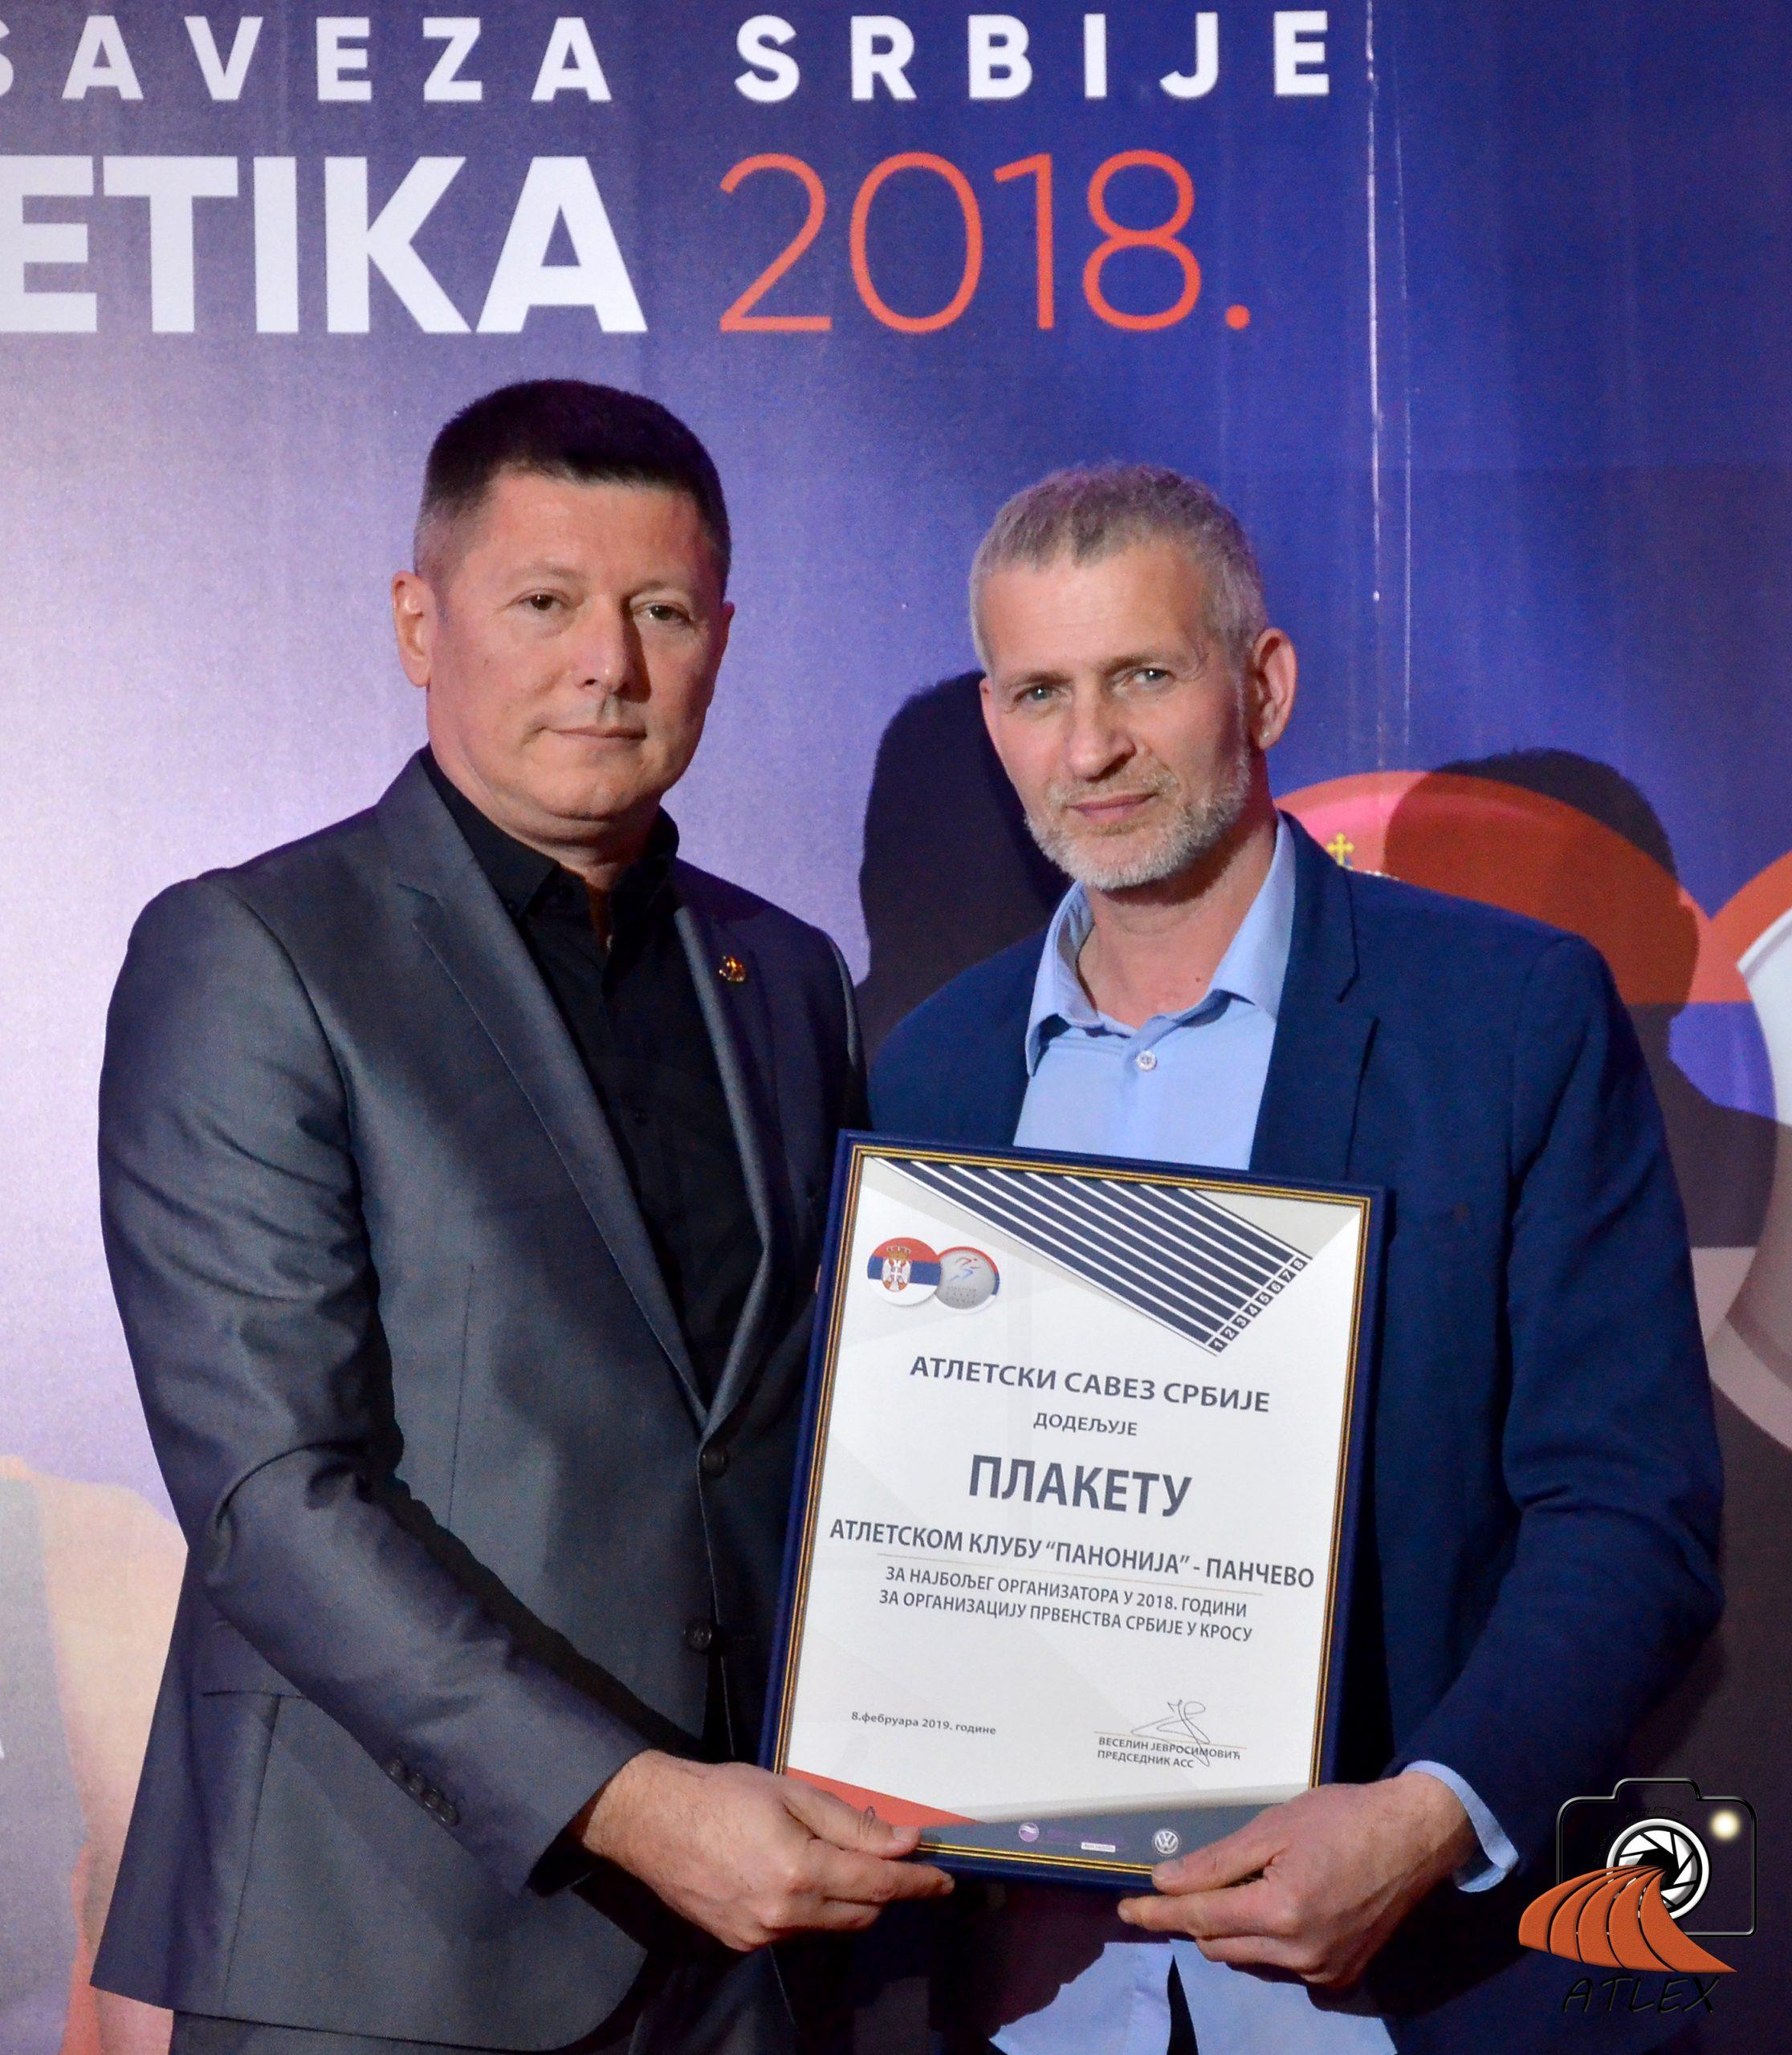 AK Panonija Pančevo je organizovalo najbolje takmičenje u 2018. godini - Prvenstvo Srbije u krosu